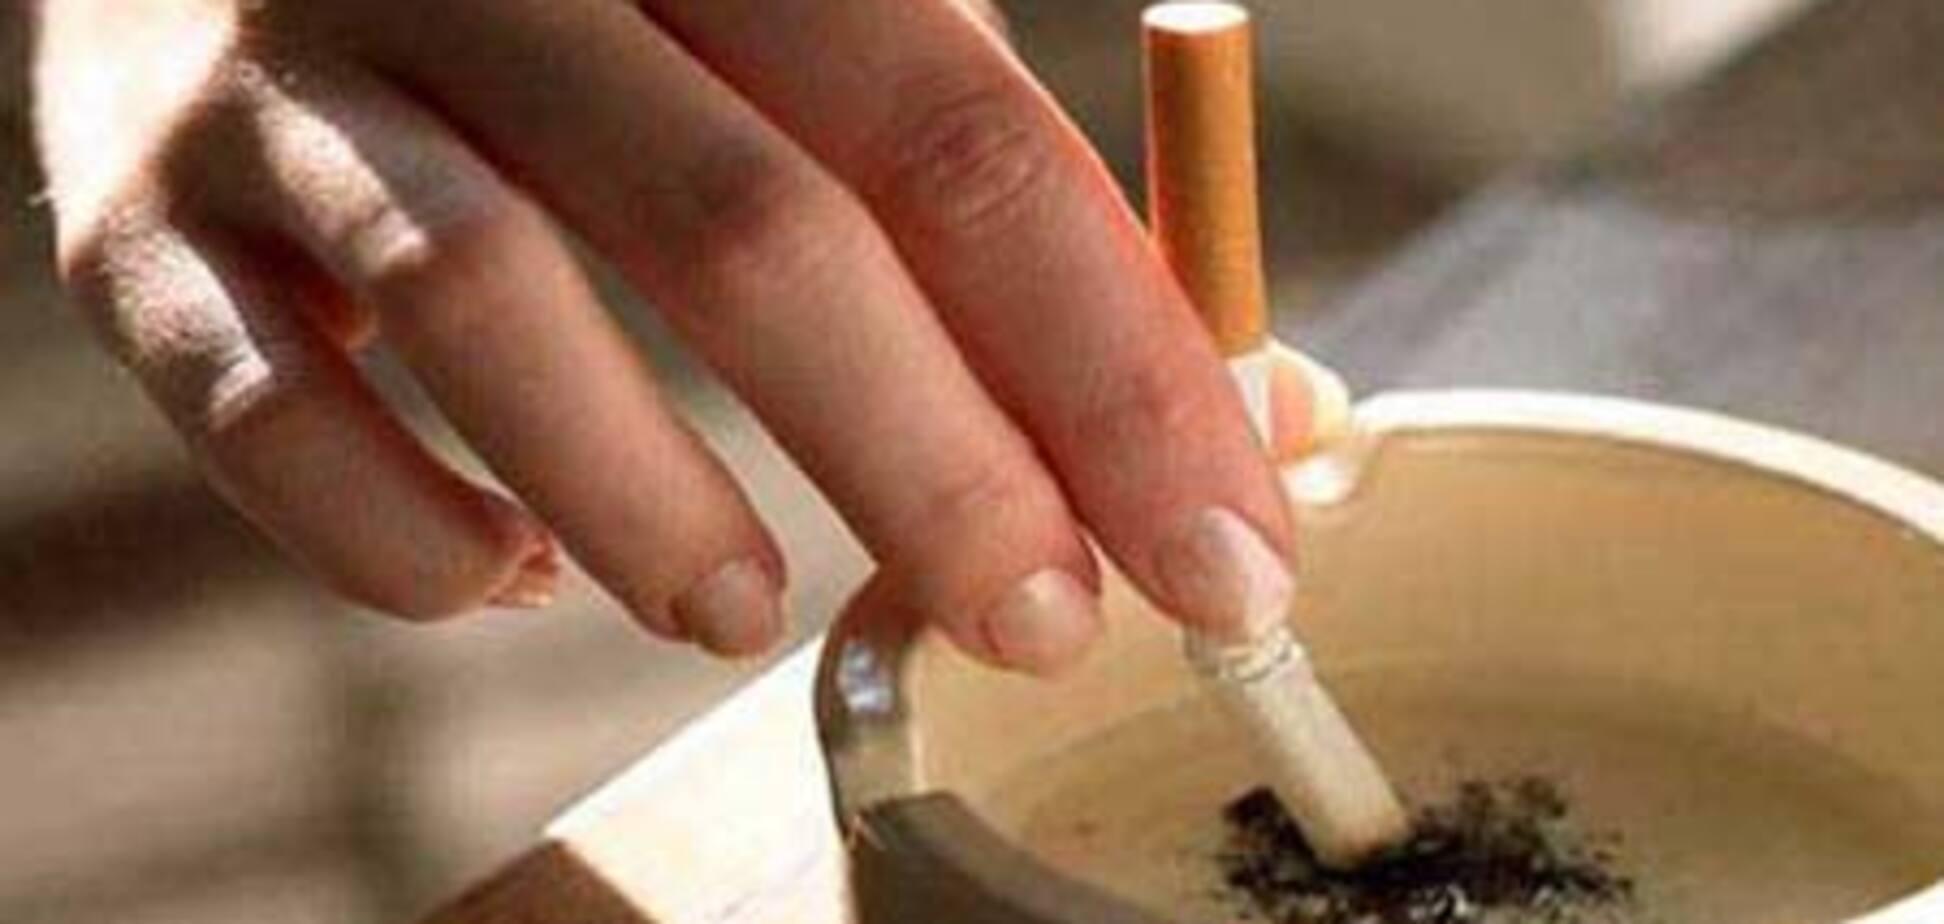 Бары убивают персонал концентрацией табачного дыма